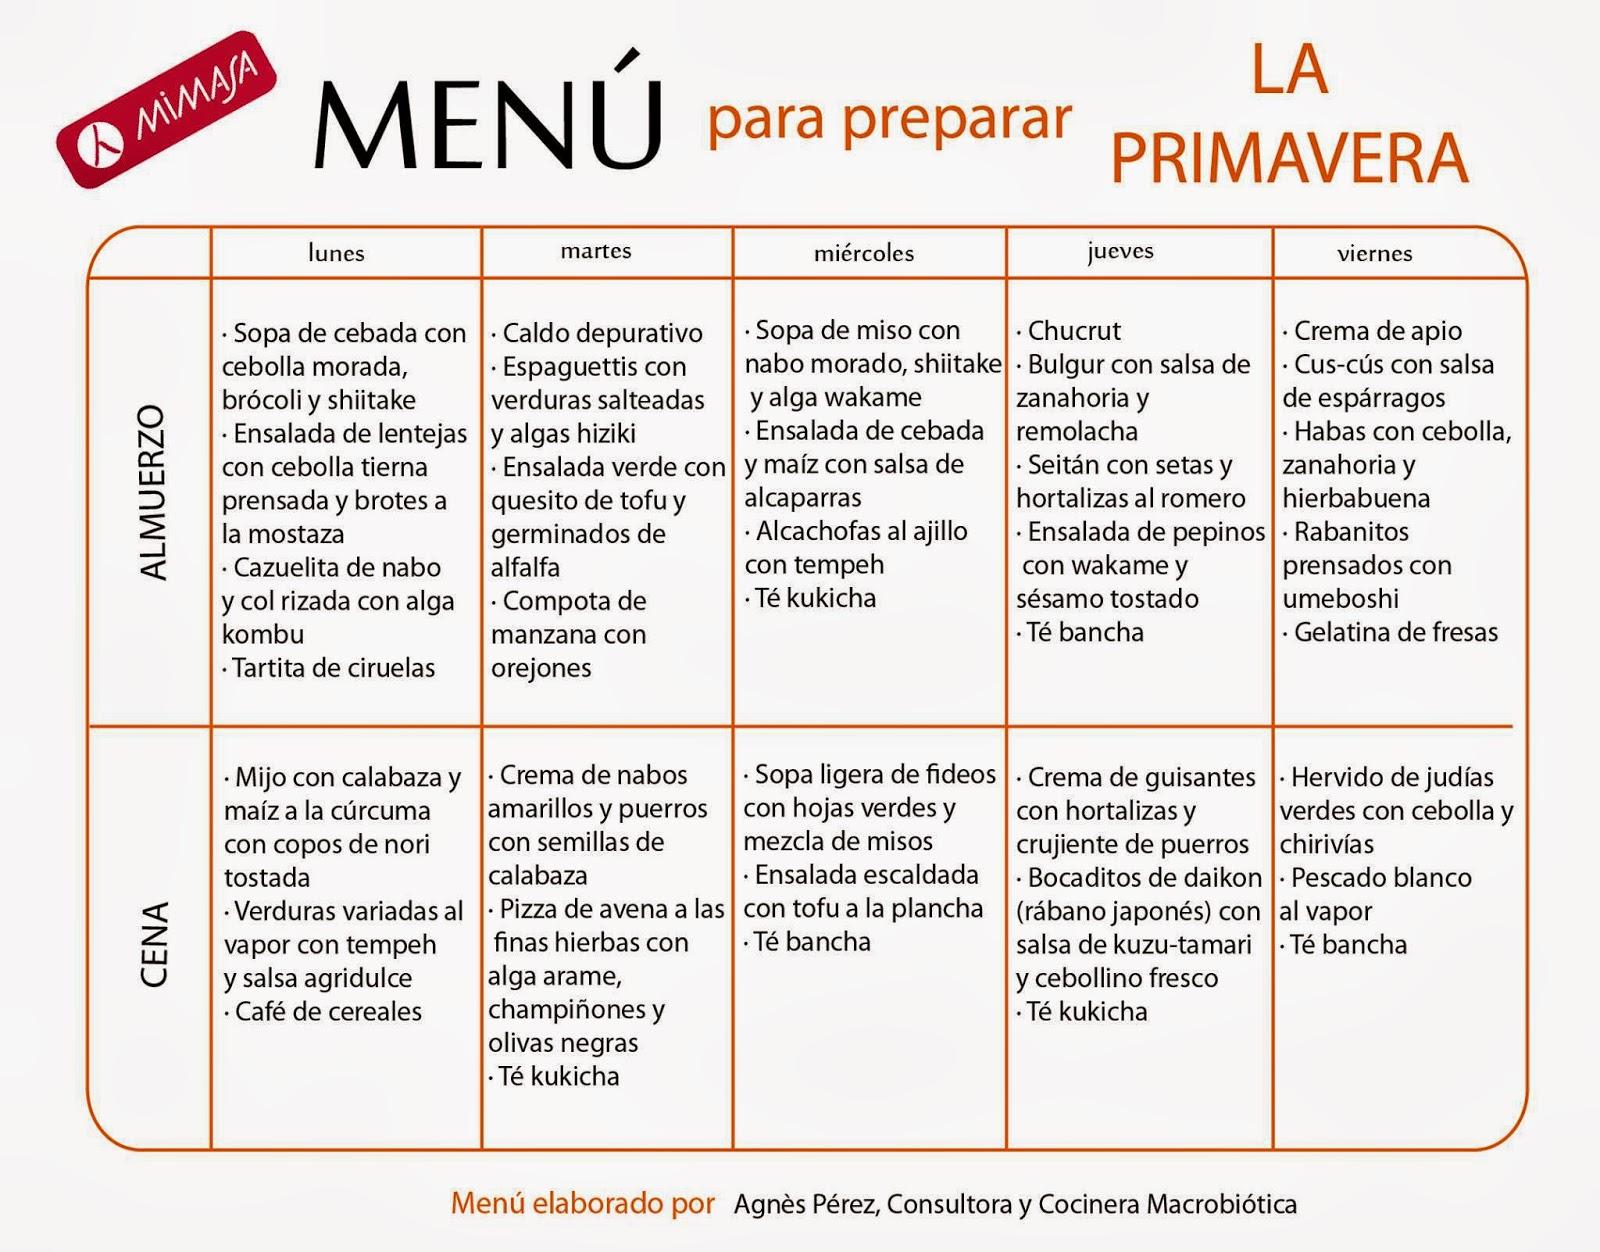 Nutrici n para la salud men s macrobi ticos para preparar Manual de compras de un restaurante pdf